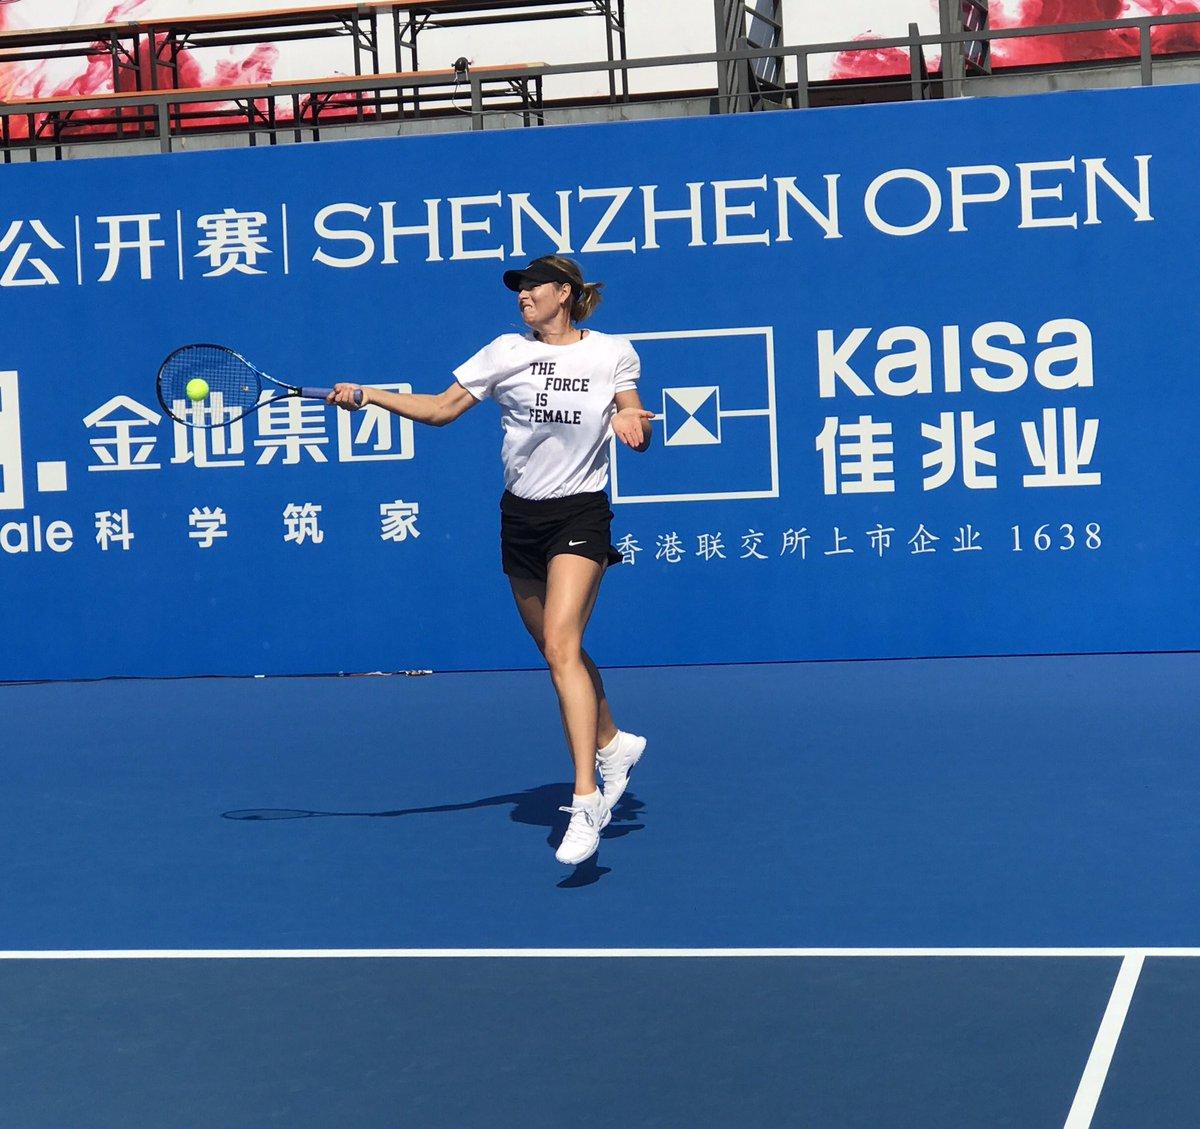 First practice in Shenzhen.... Hey #SharaFamilyChina ???????????????? https://t.co/dYZDwWVylL